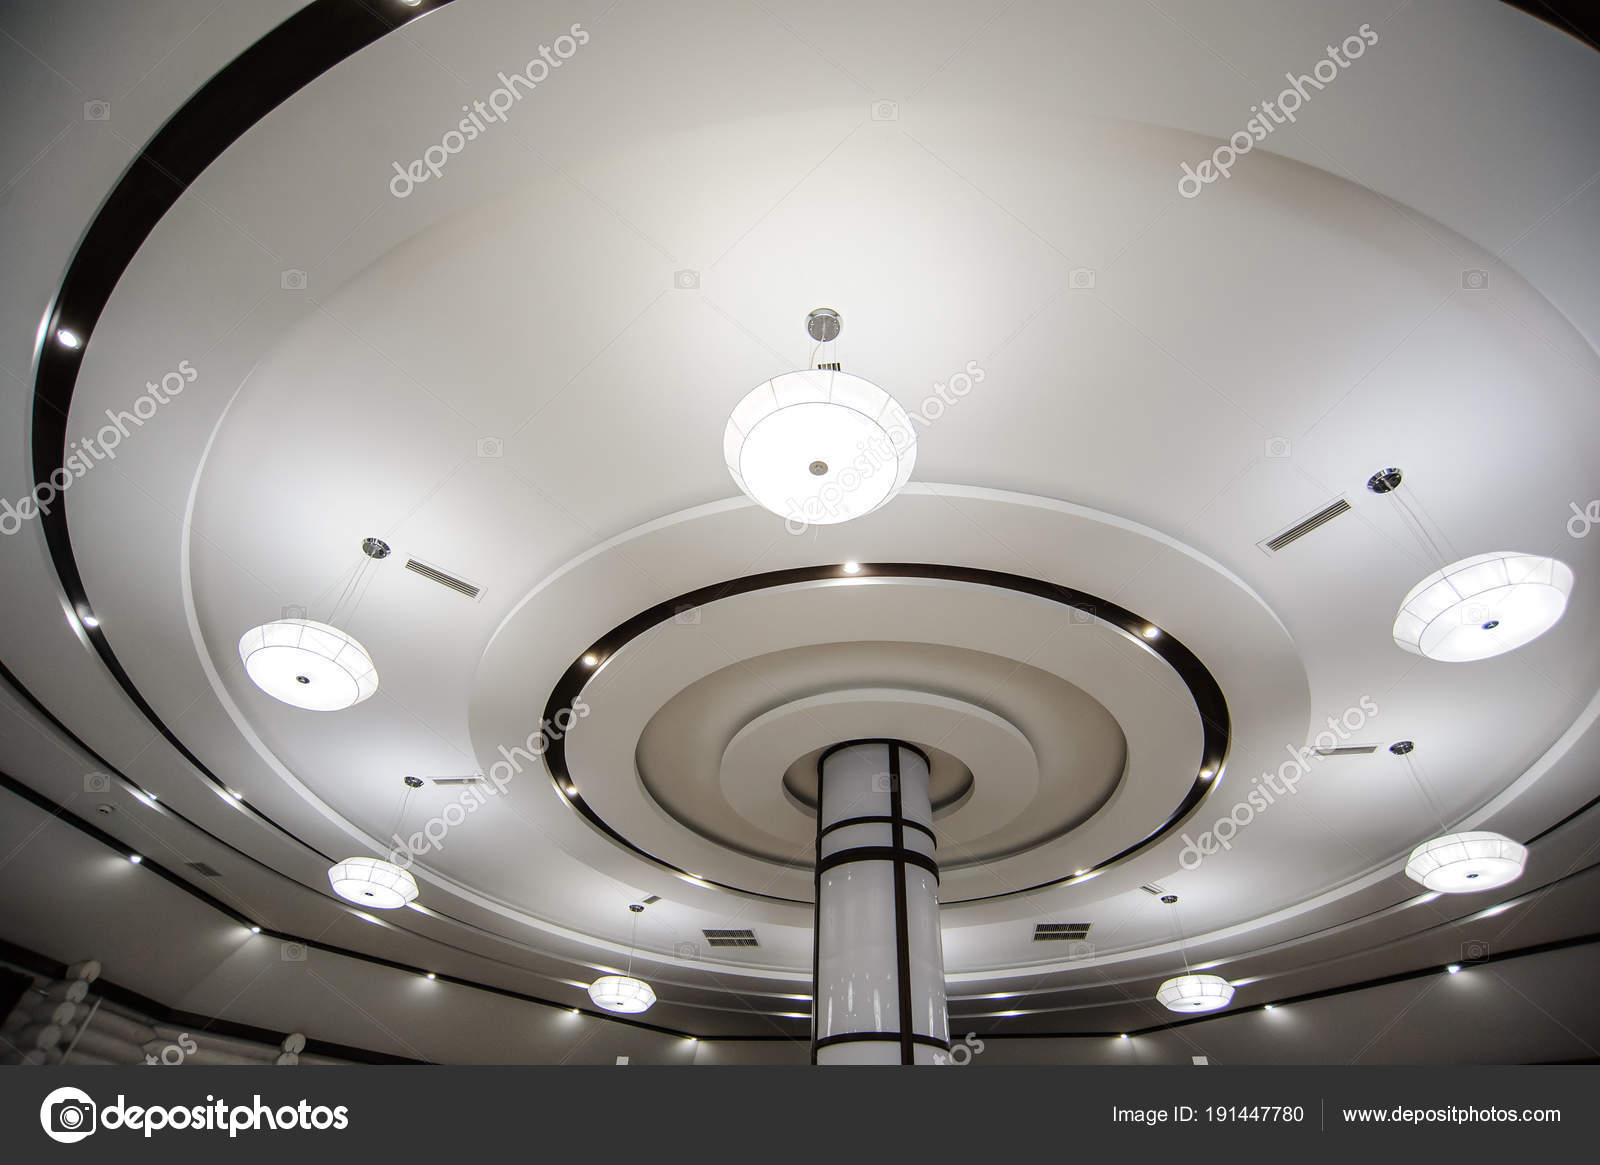 Plafoniere Moderne : A soffitto tondo con plafoniere moderne bianco u foto stock